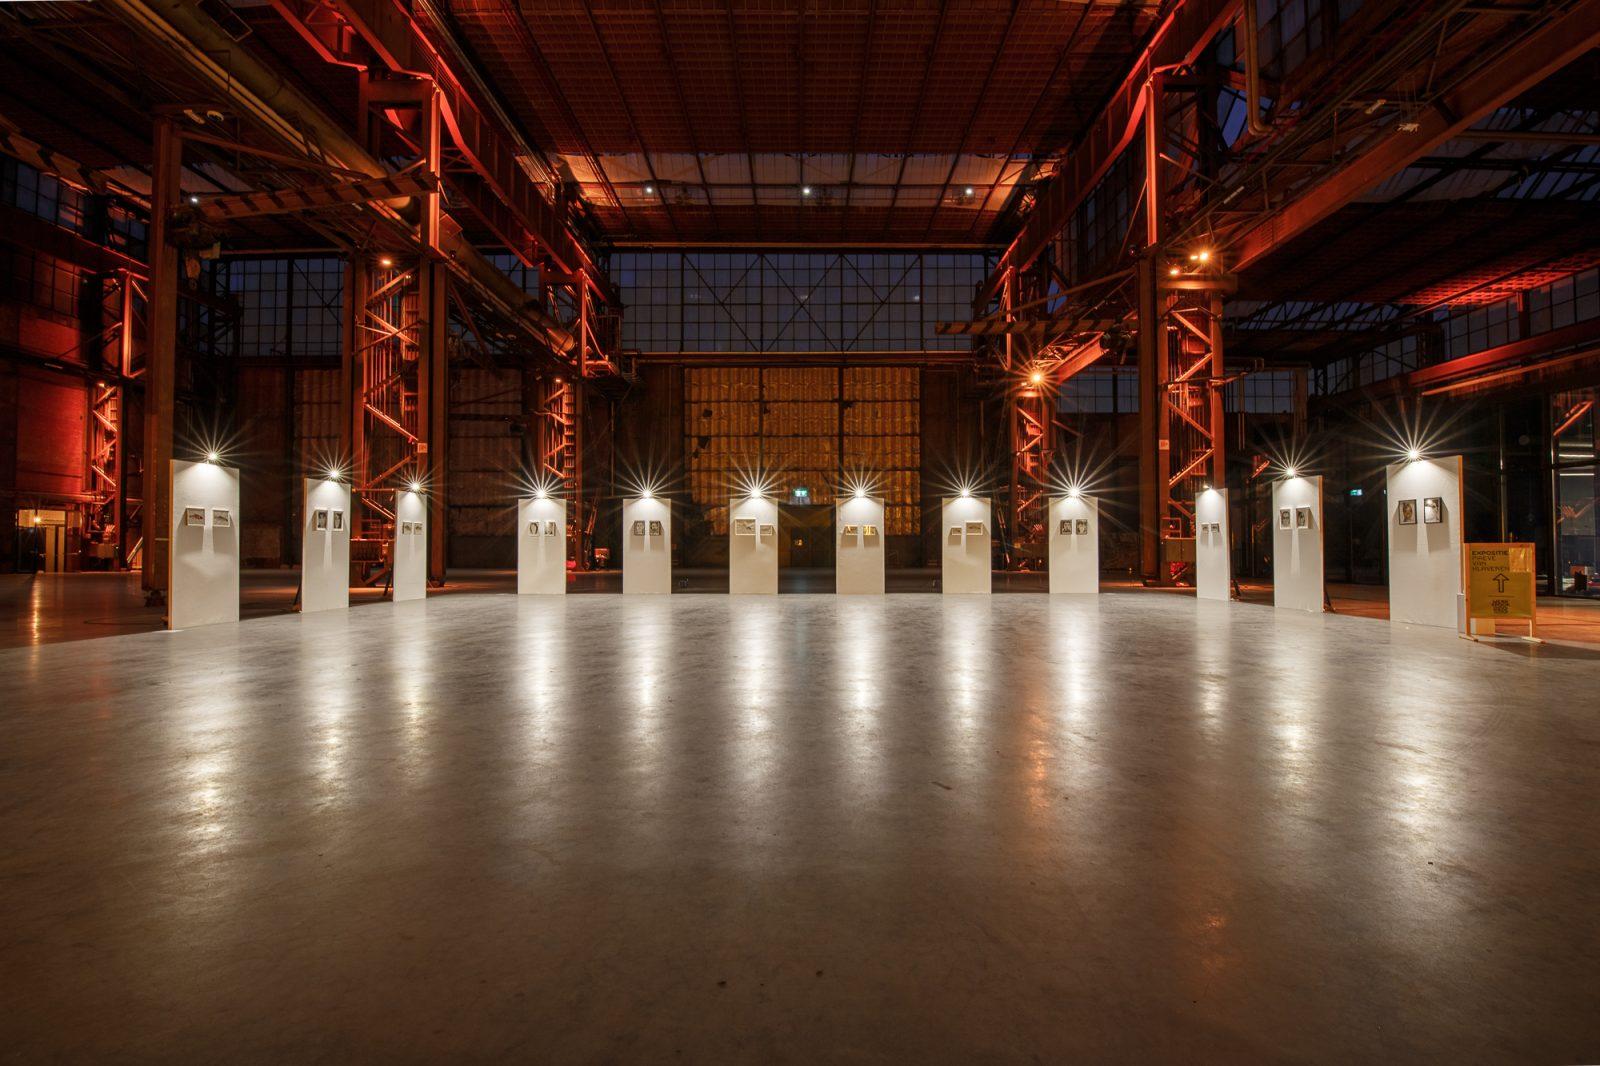 Triomf - Wisselende exposities in de Werkspoorkathedraal als onderdeel van WerkspoorKade